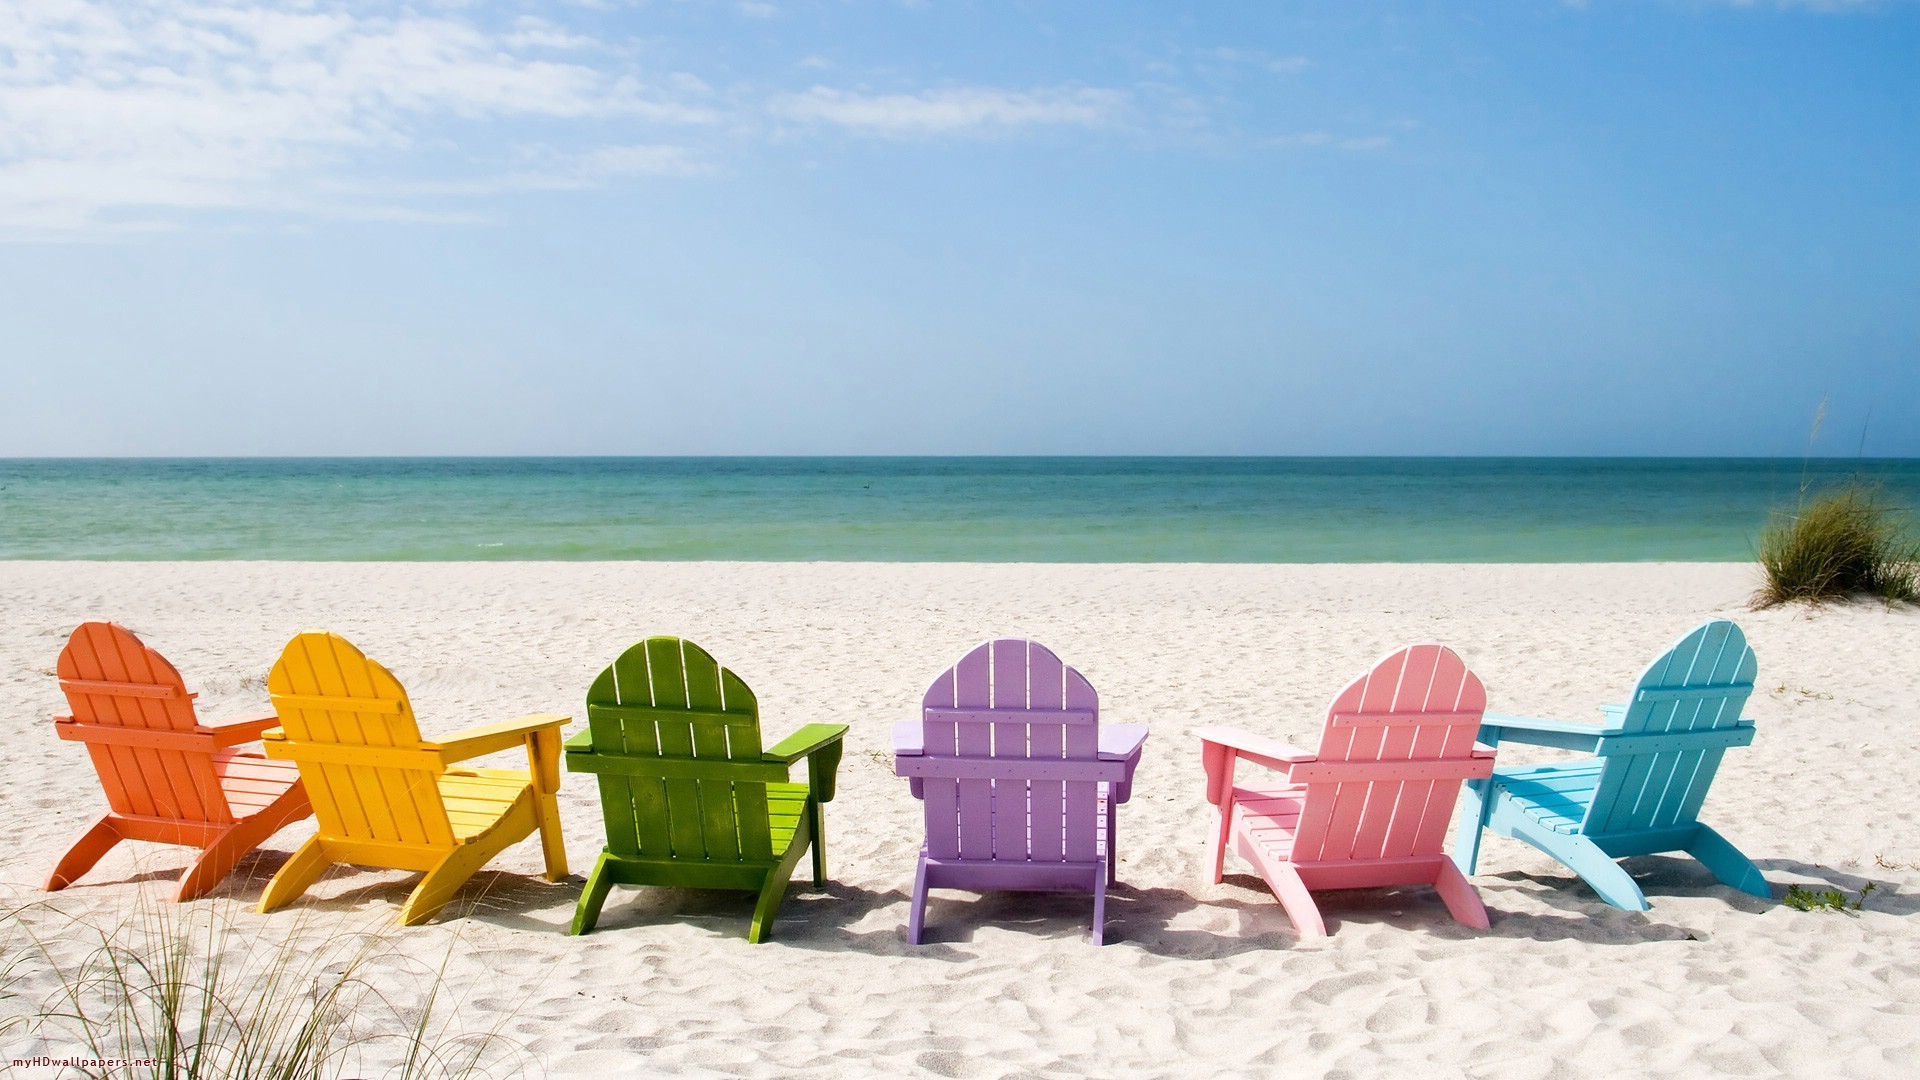 Summer Art Painting Wallpaper Summer Beach Chairs Wallpaper